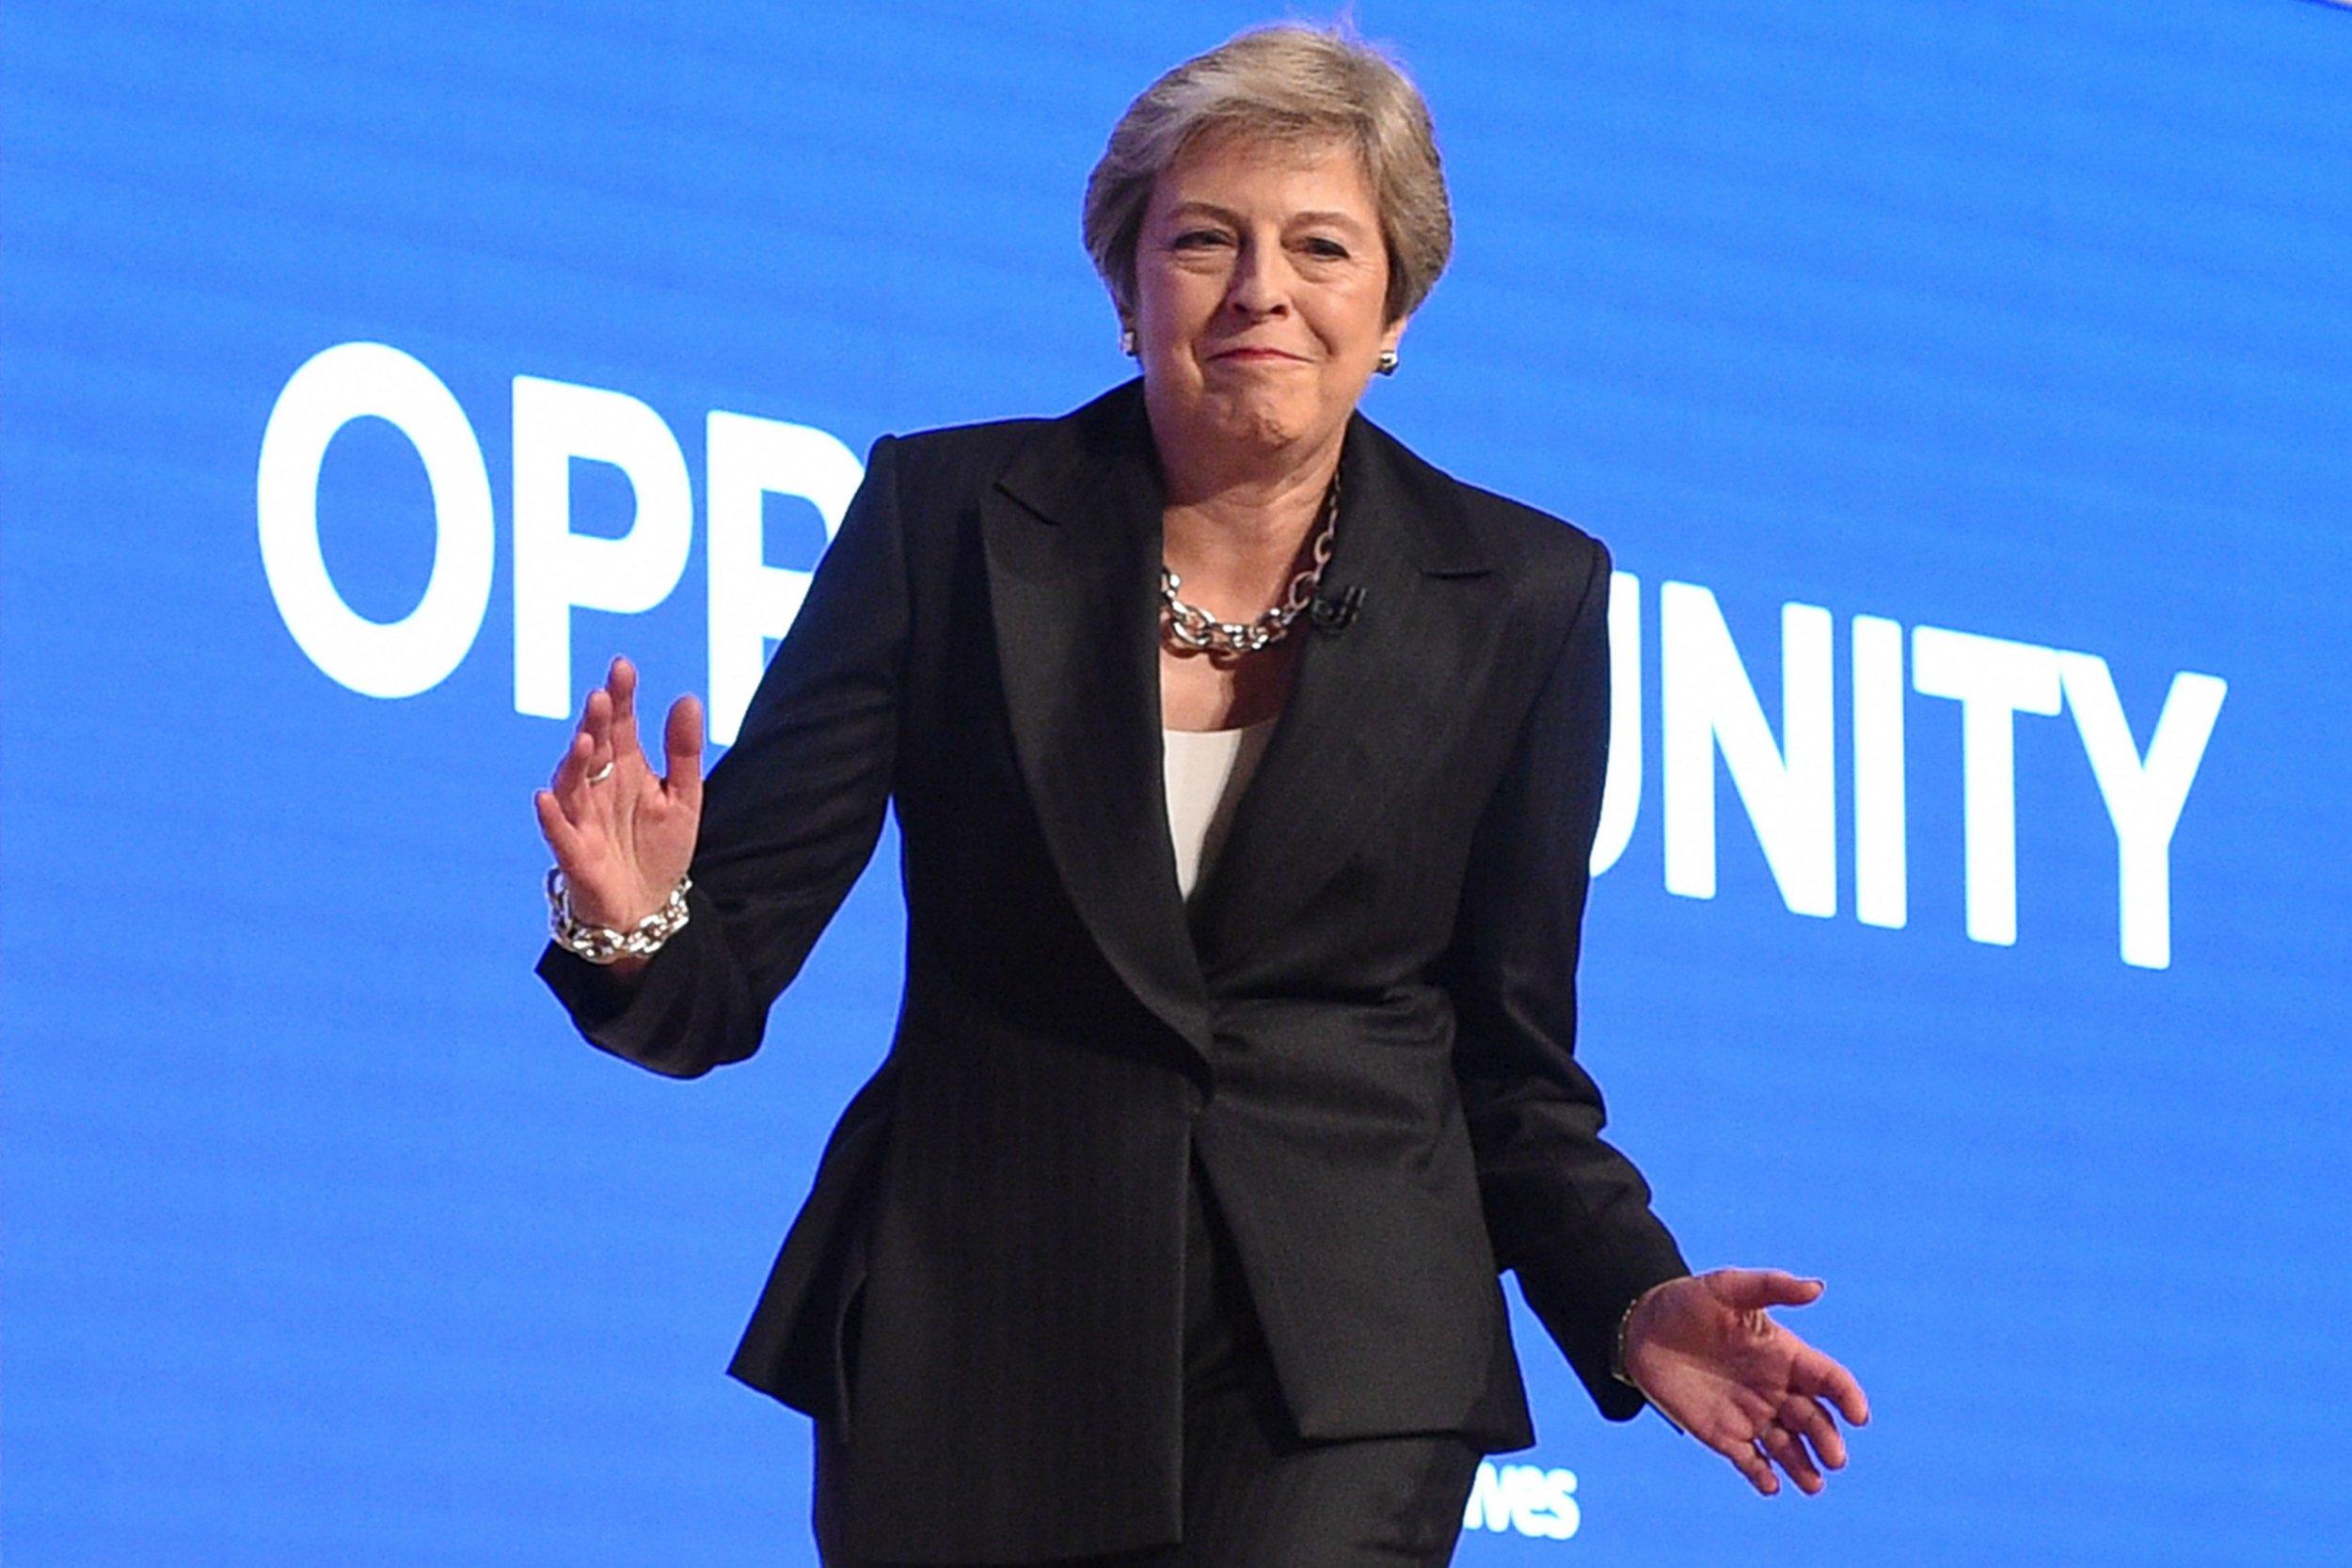 Theresa-may-dancing-2-0-